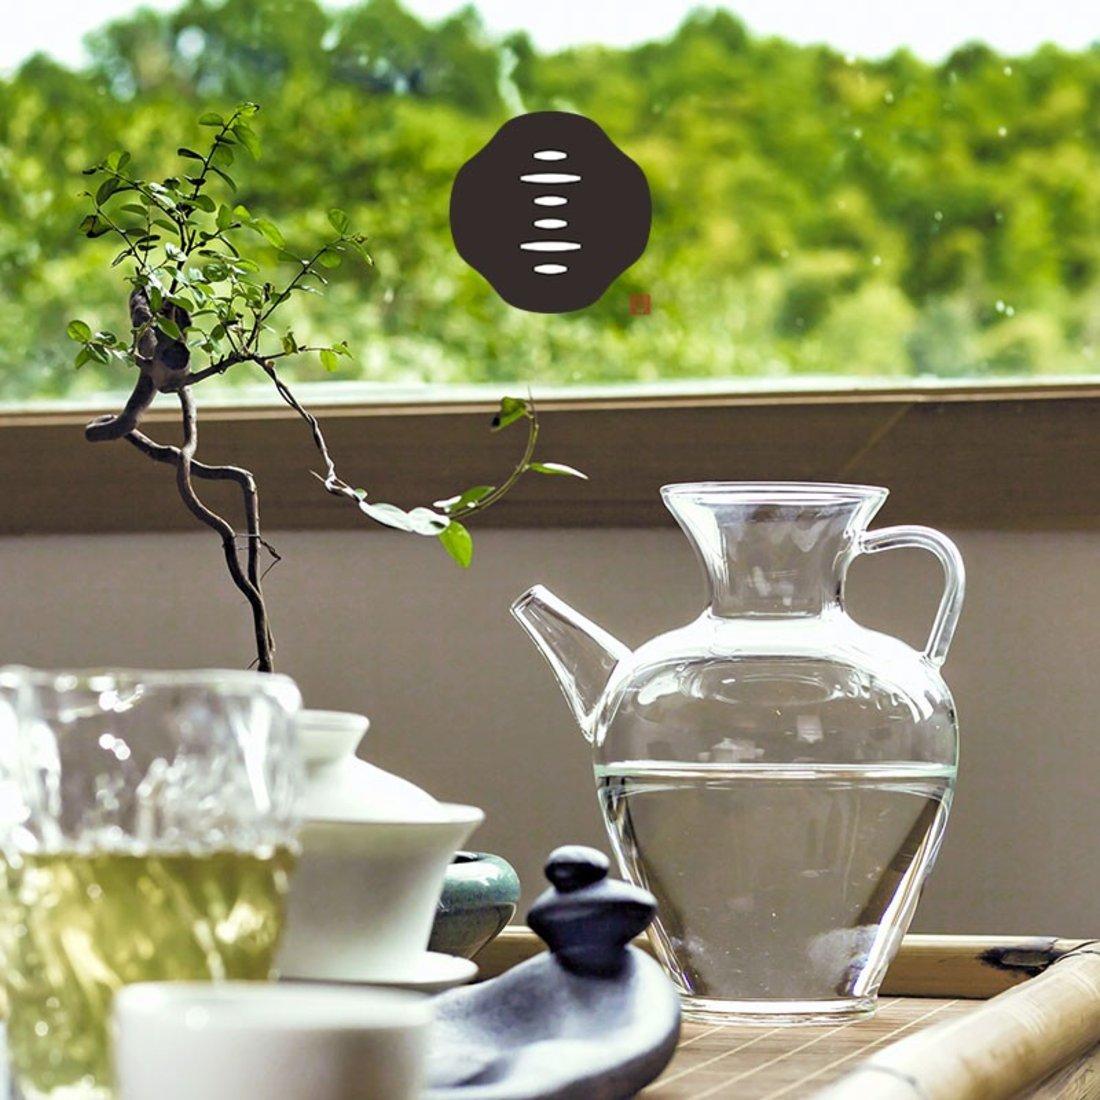 「仿宋执壶 」耐热高硼硅泡茶壶